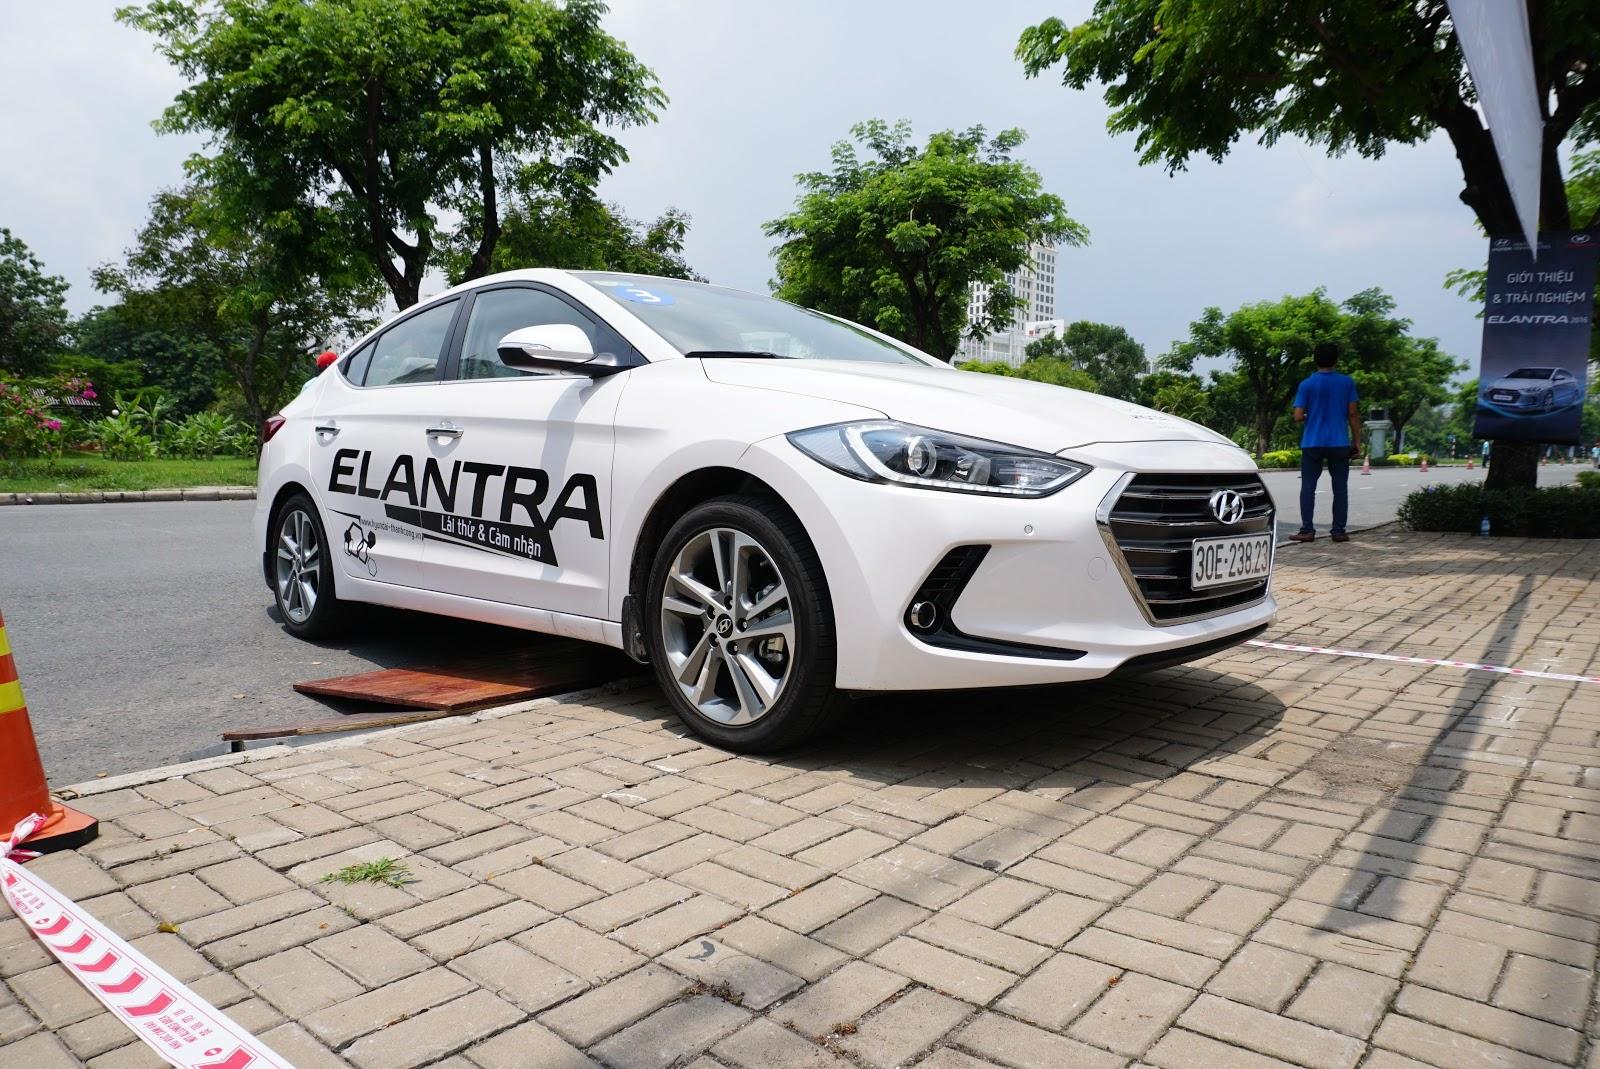 Hyundai Elantra mới sẽ thay đổi thị trường phân khúc sedan cỡ C